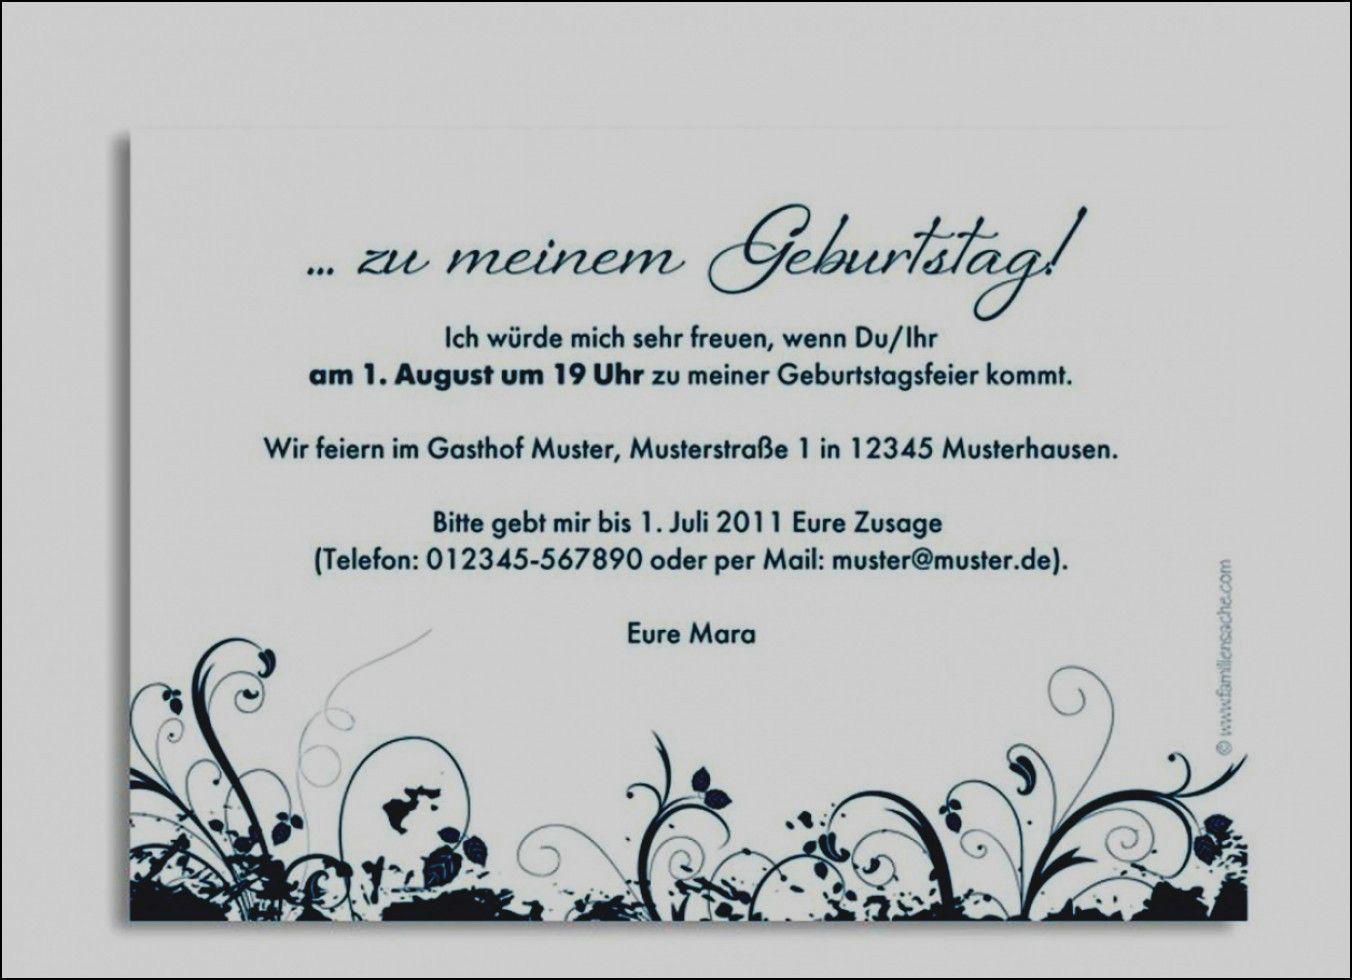 Hochzeitstag Spruche Bob Frisuren Hinten In Der Kopfansicht View Bob Frisu In 2020 Einladung Geburtstag Text Einladung Geburtstag Einladung Geburtstag Lustig